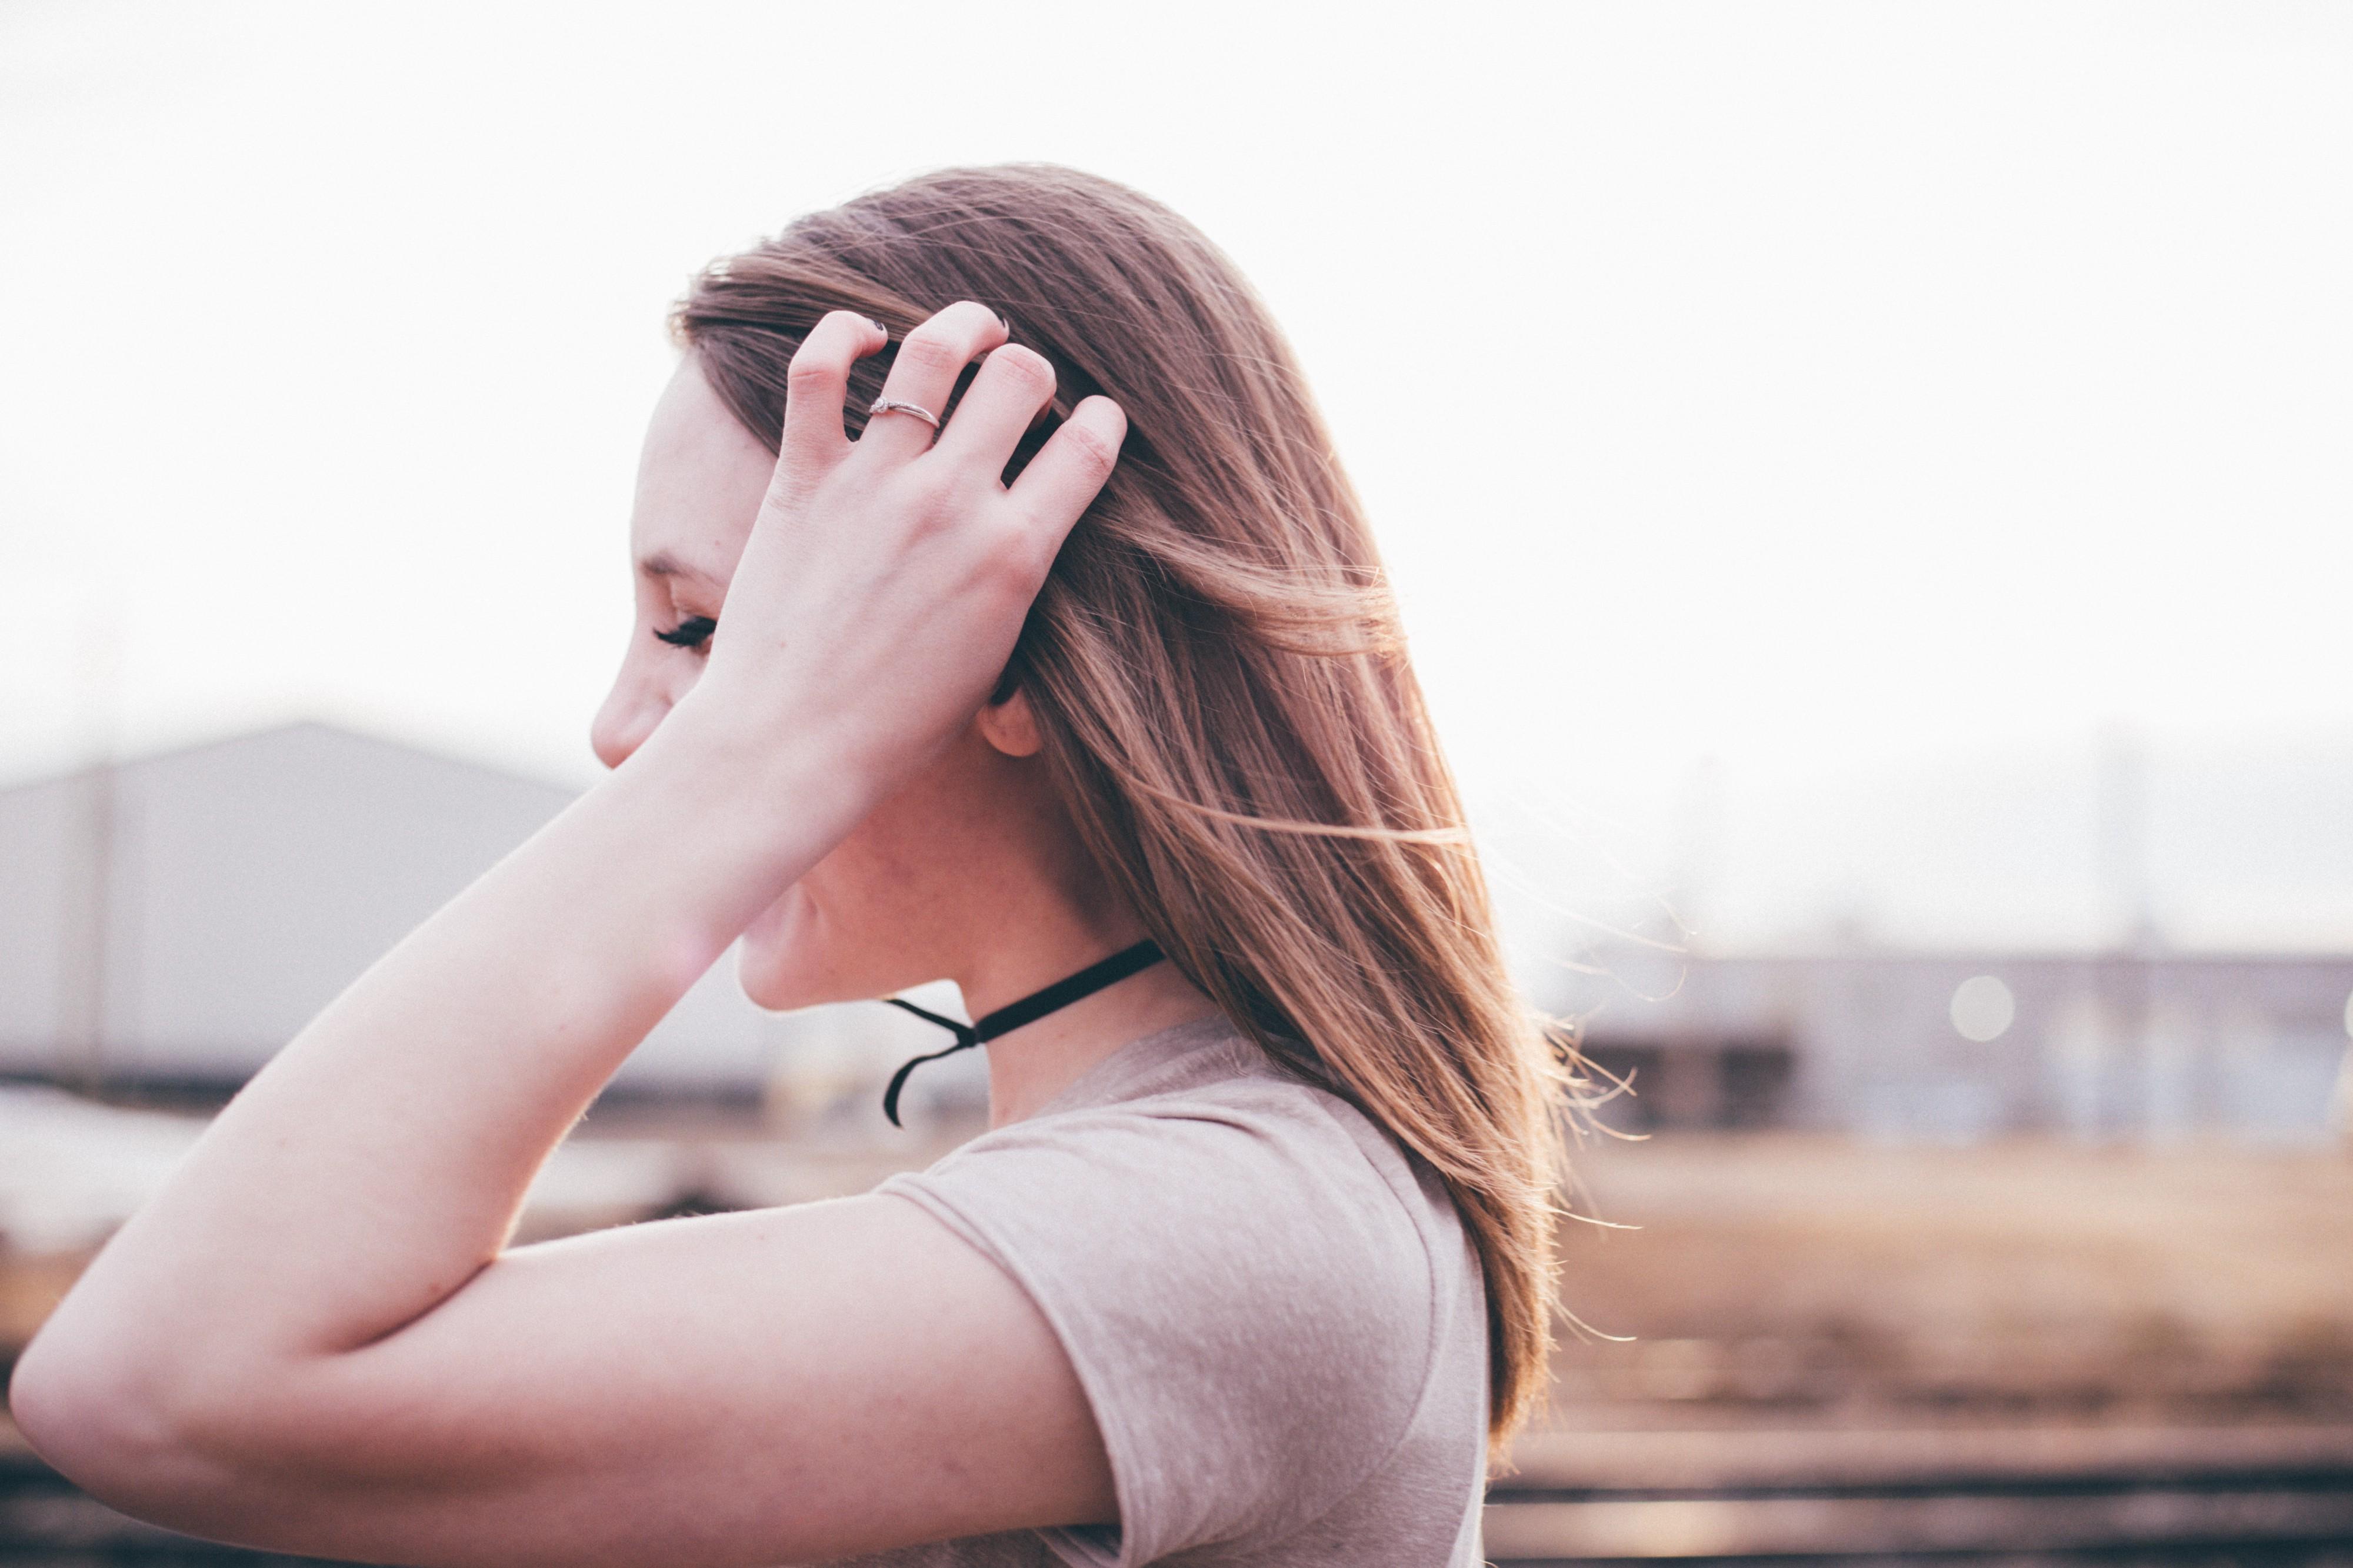 ترفندهای روانشناسی که کمک میکنند عادتهای بد خود را کنار بگذارید